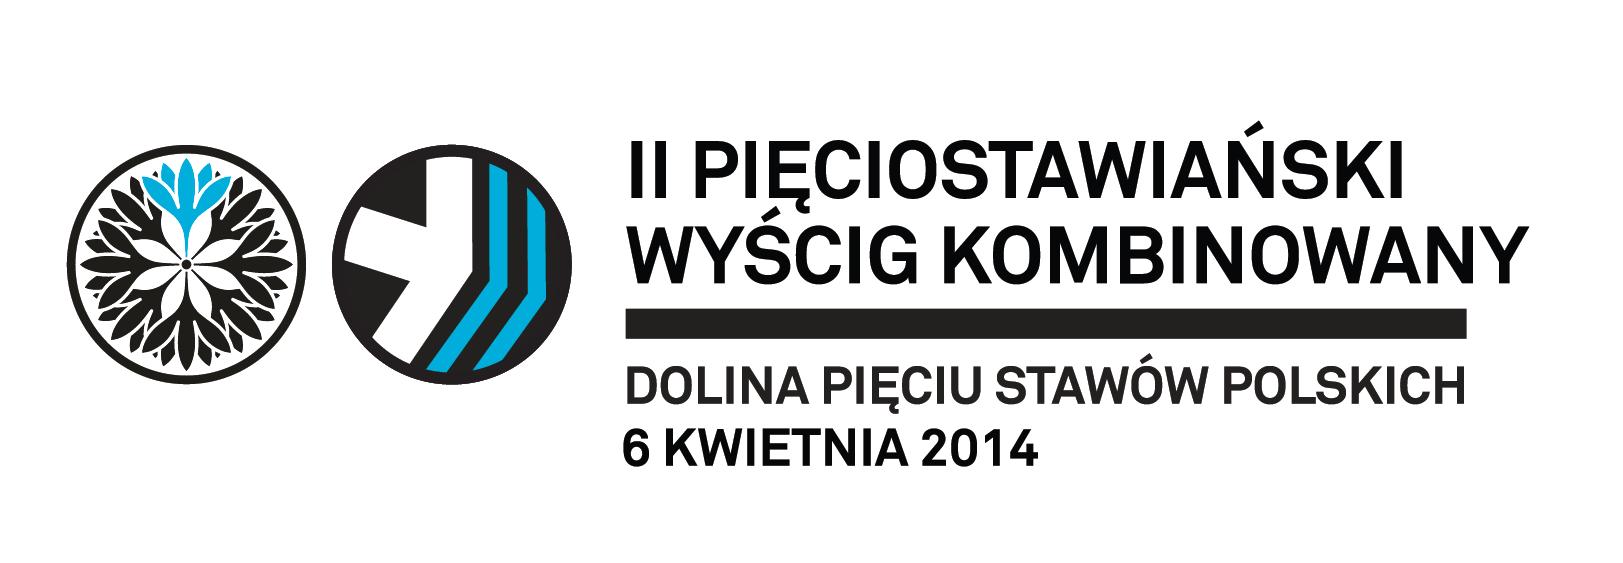 wyscig_logo